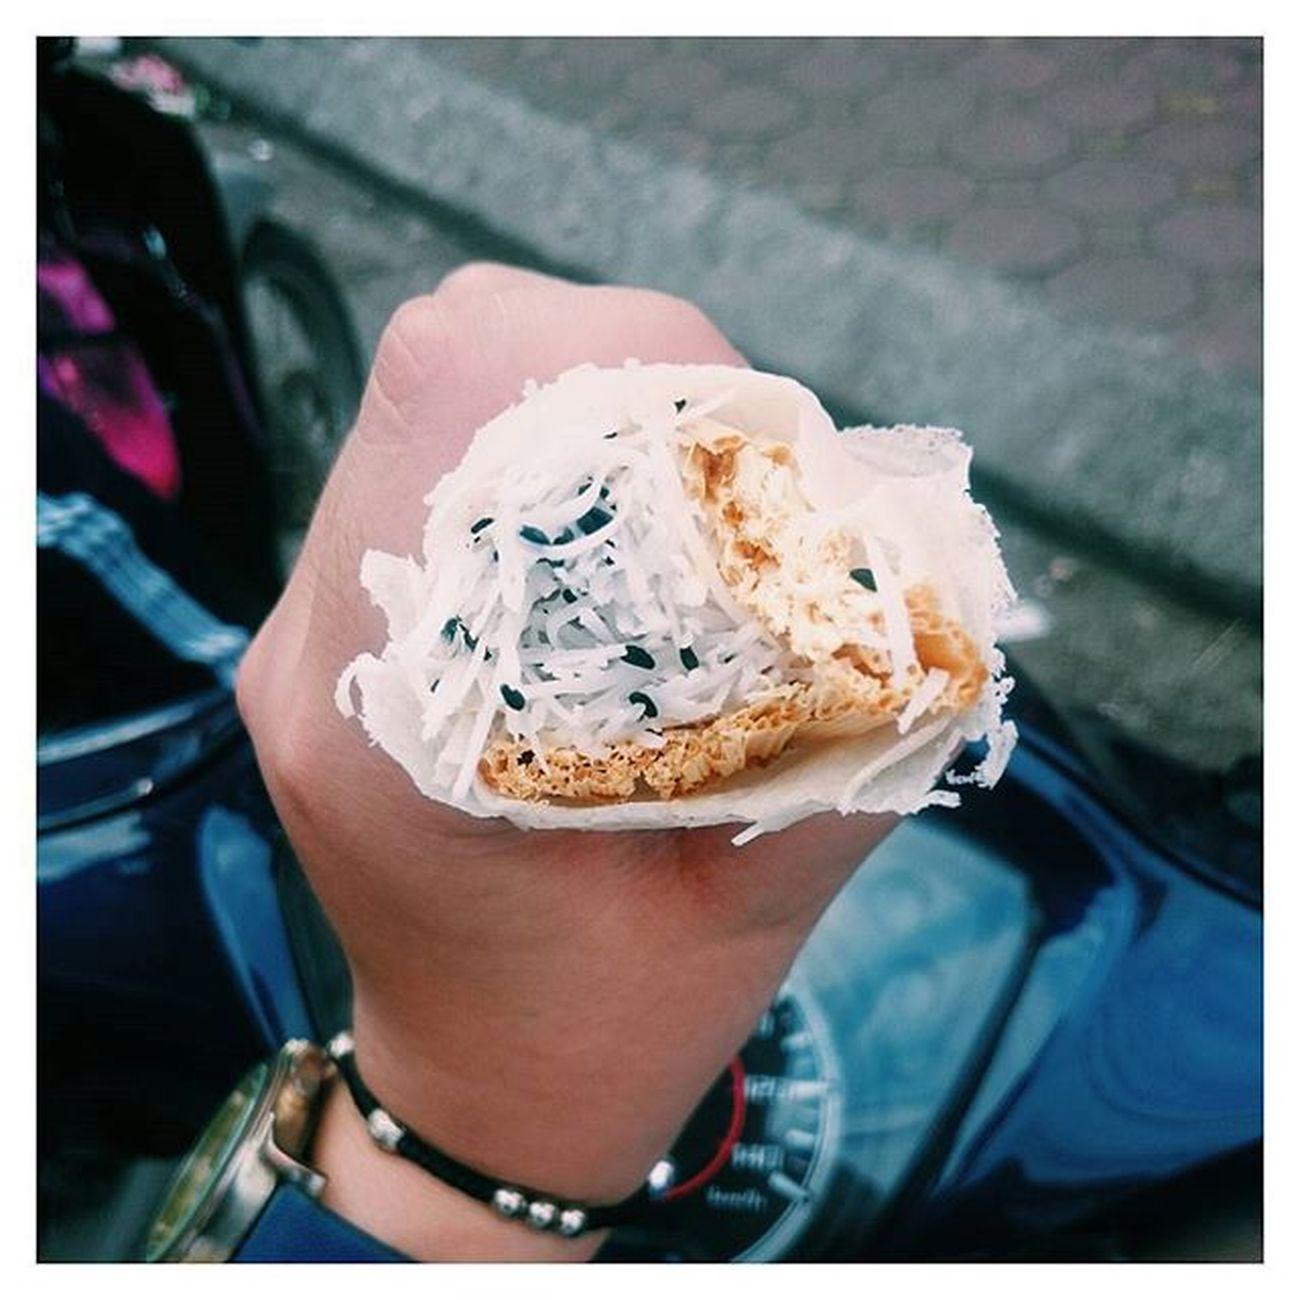 Lâu lắm rồi mới được ăn lại cái món quà vặt này 😄😄😄 Ôi nhớ tuổi thơ 😻😻😻 Lozi Lozihn Lozihanoi Foodyhanoi Zizohanoi Foodporn Foodstagram Instafood Foodie Susfoodtrip Yummy Memory Bobiangot